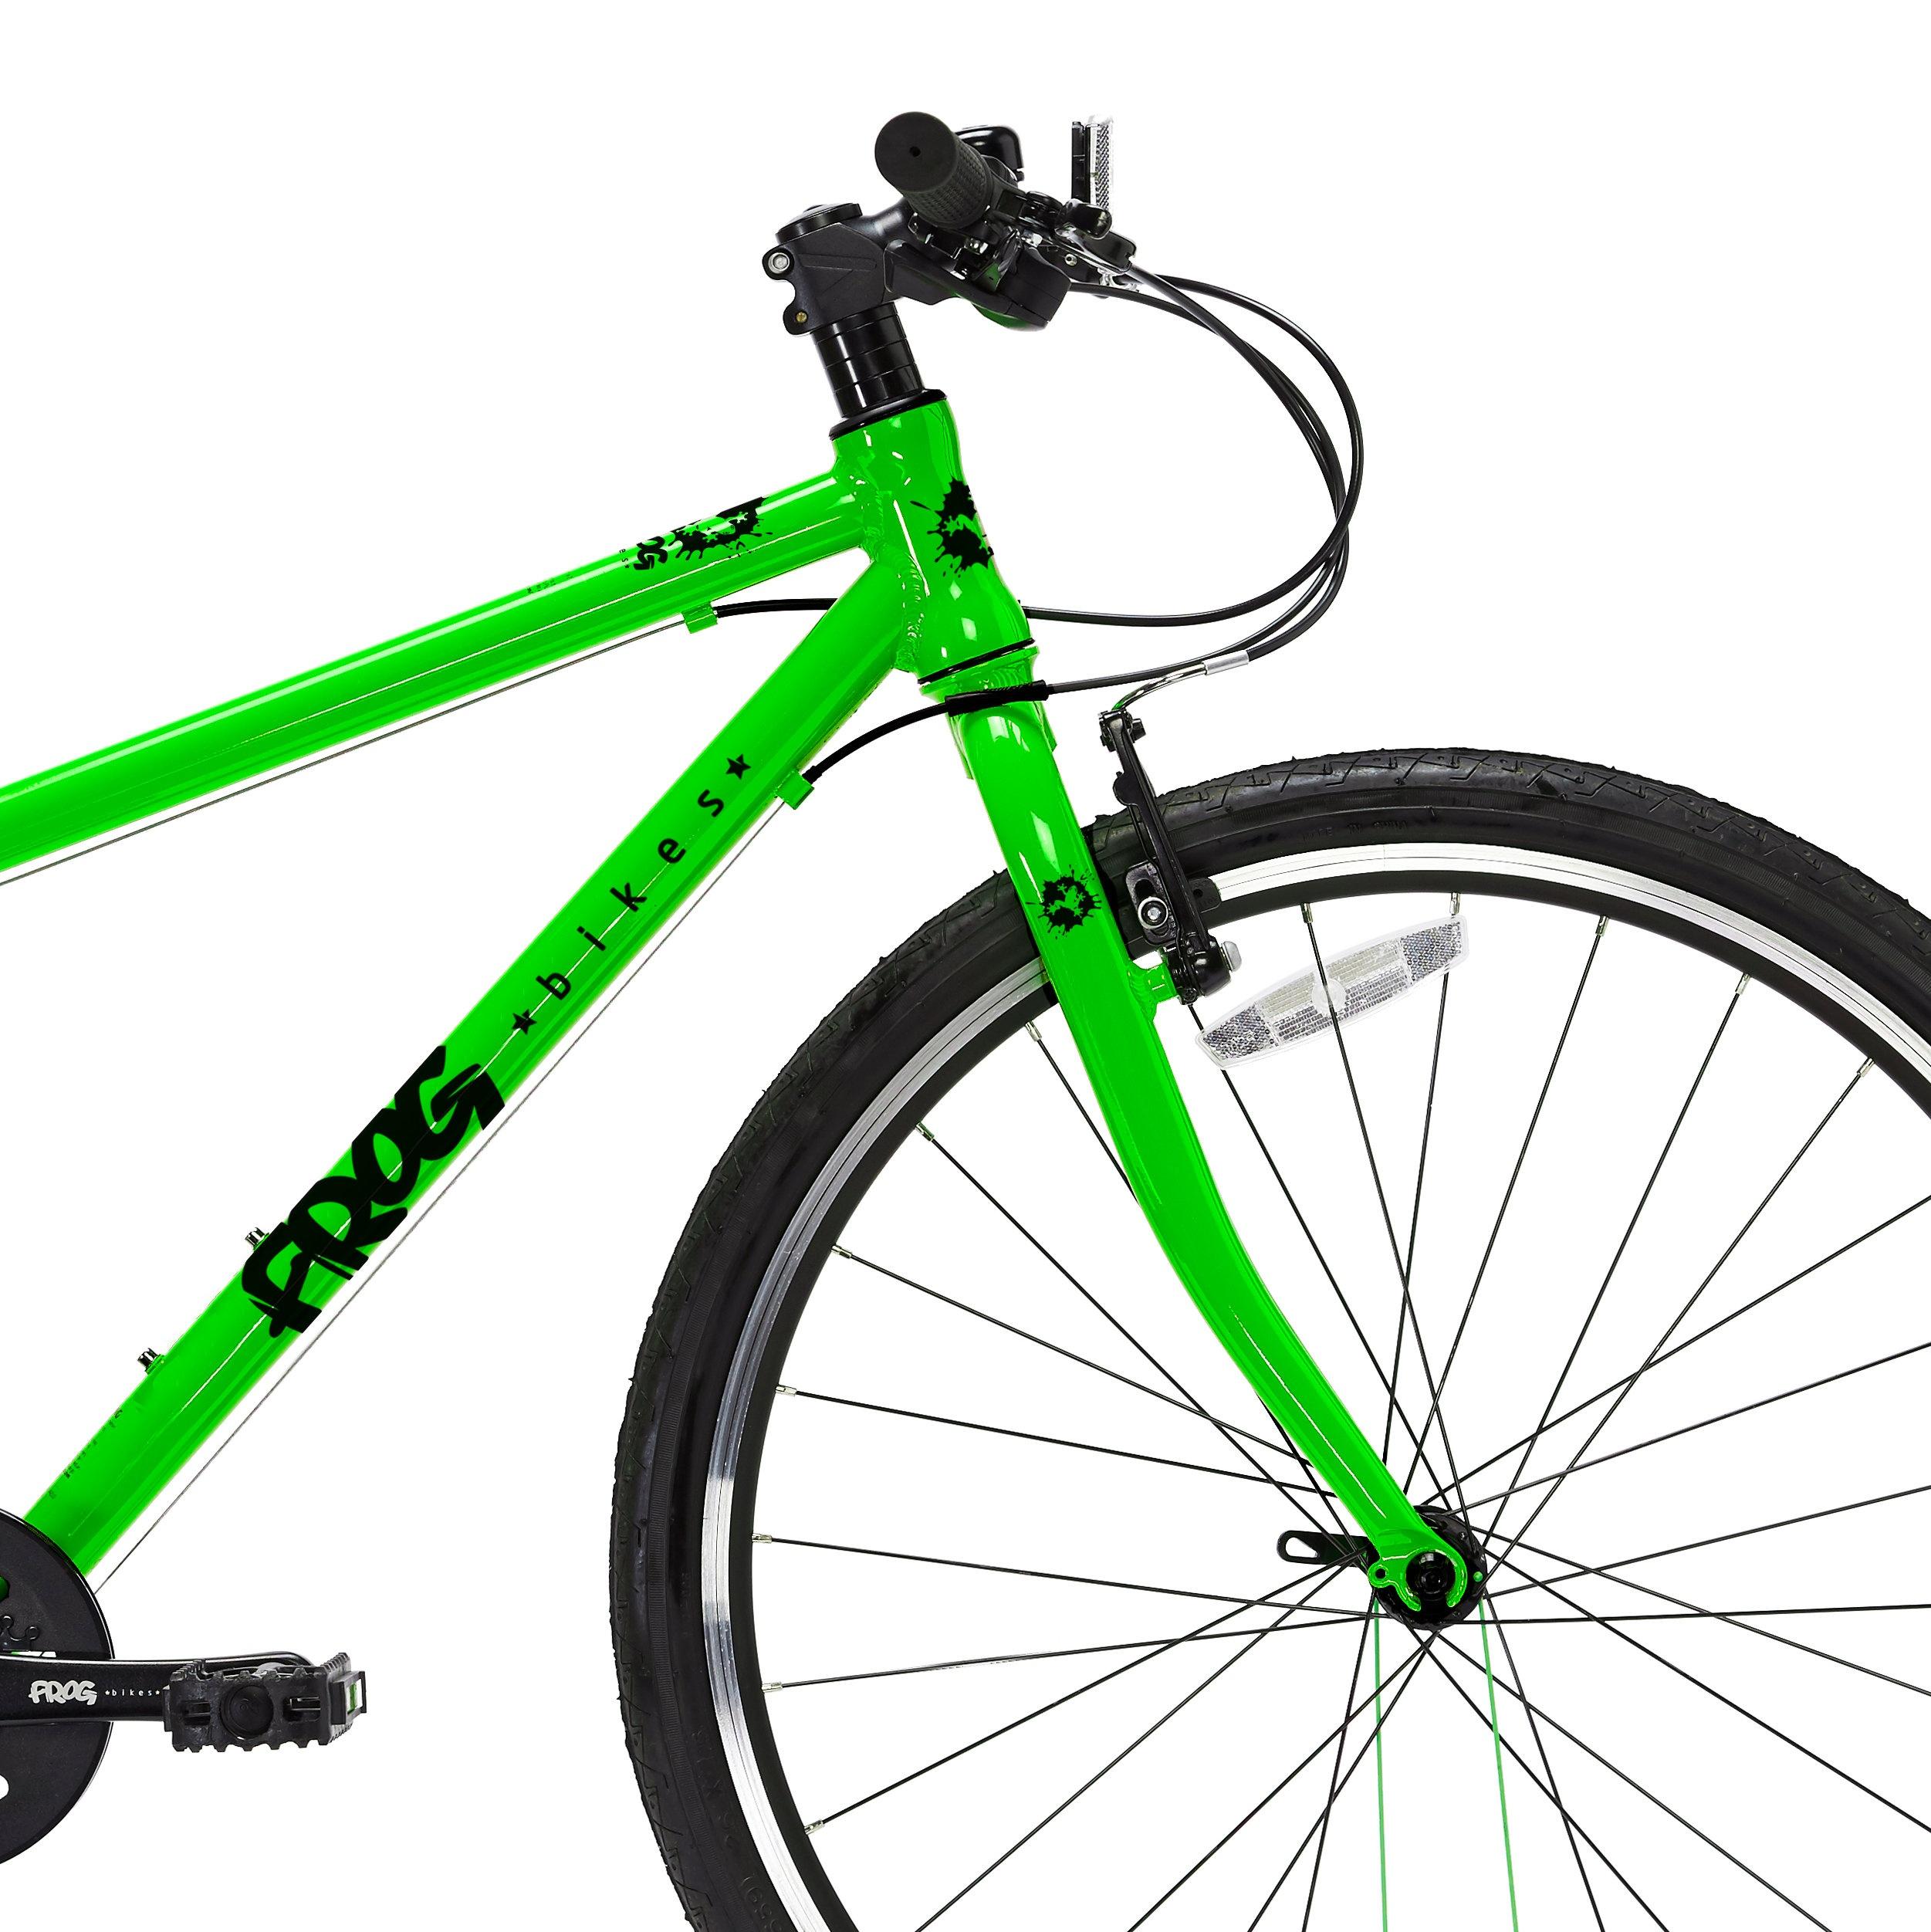 072478a85 Frog 69 lightweight childs bike